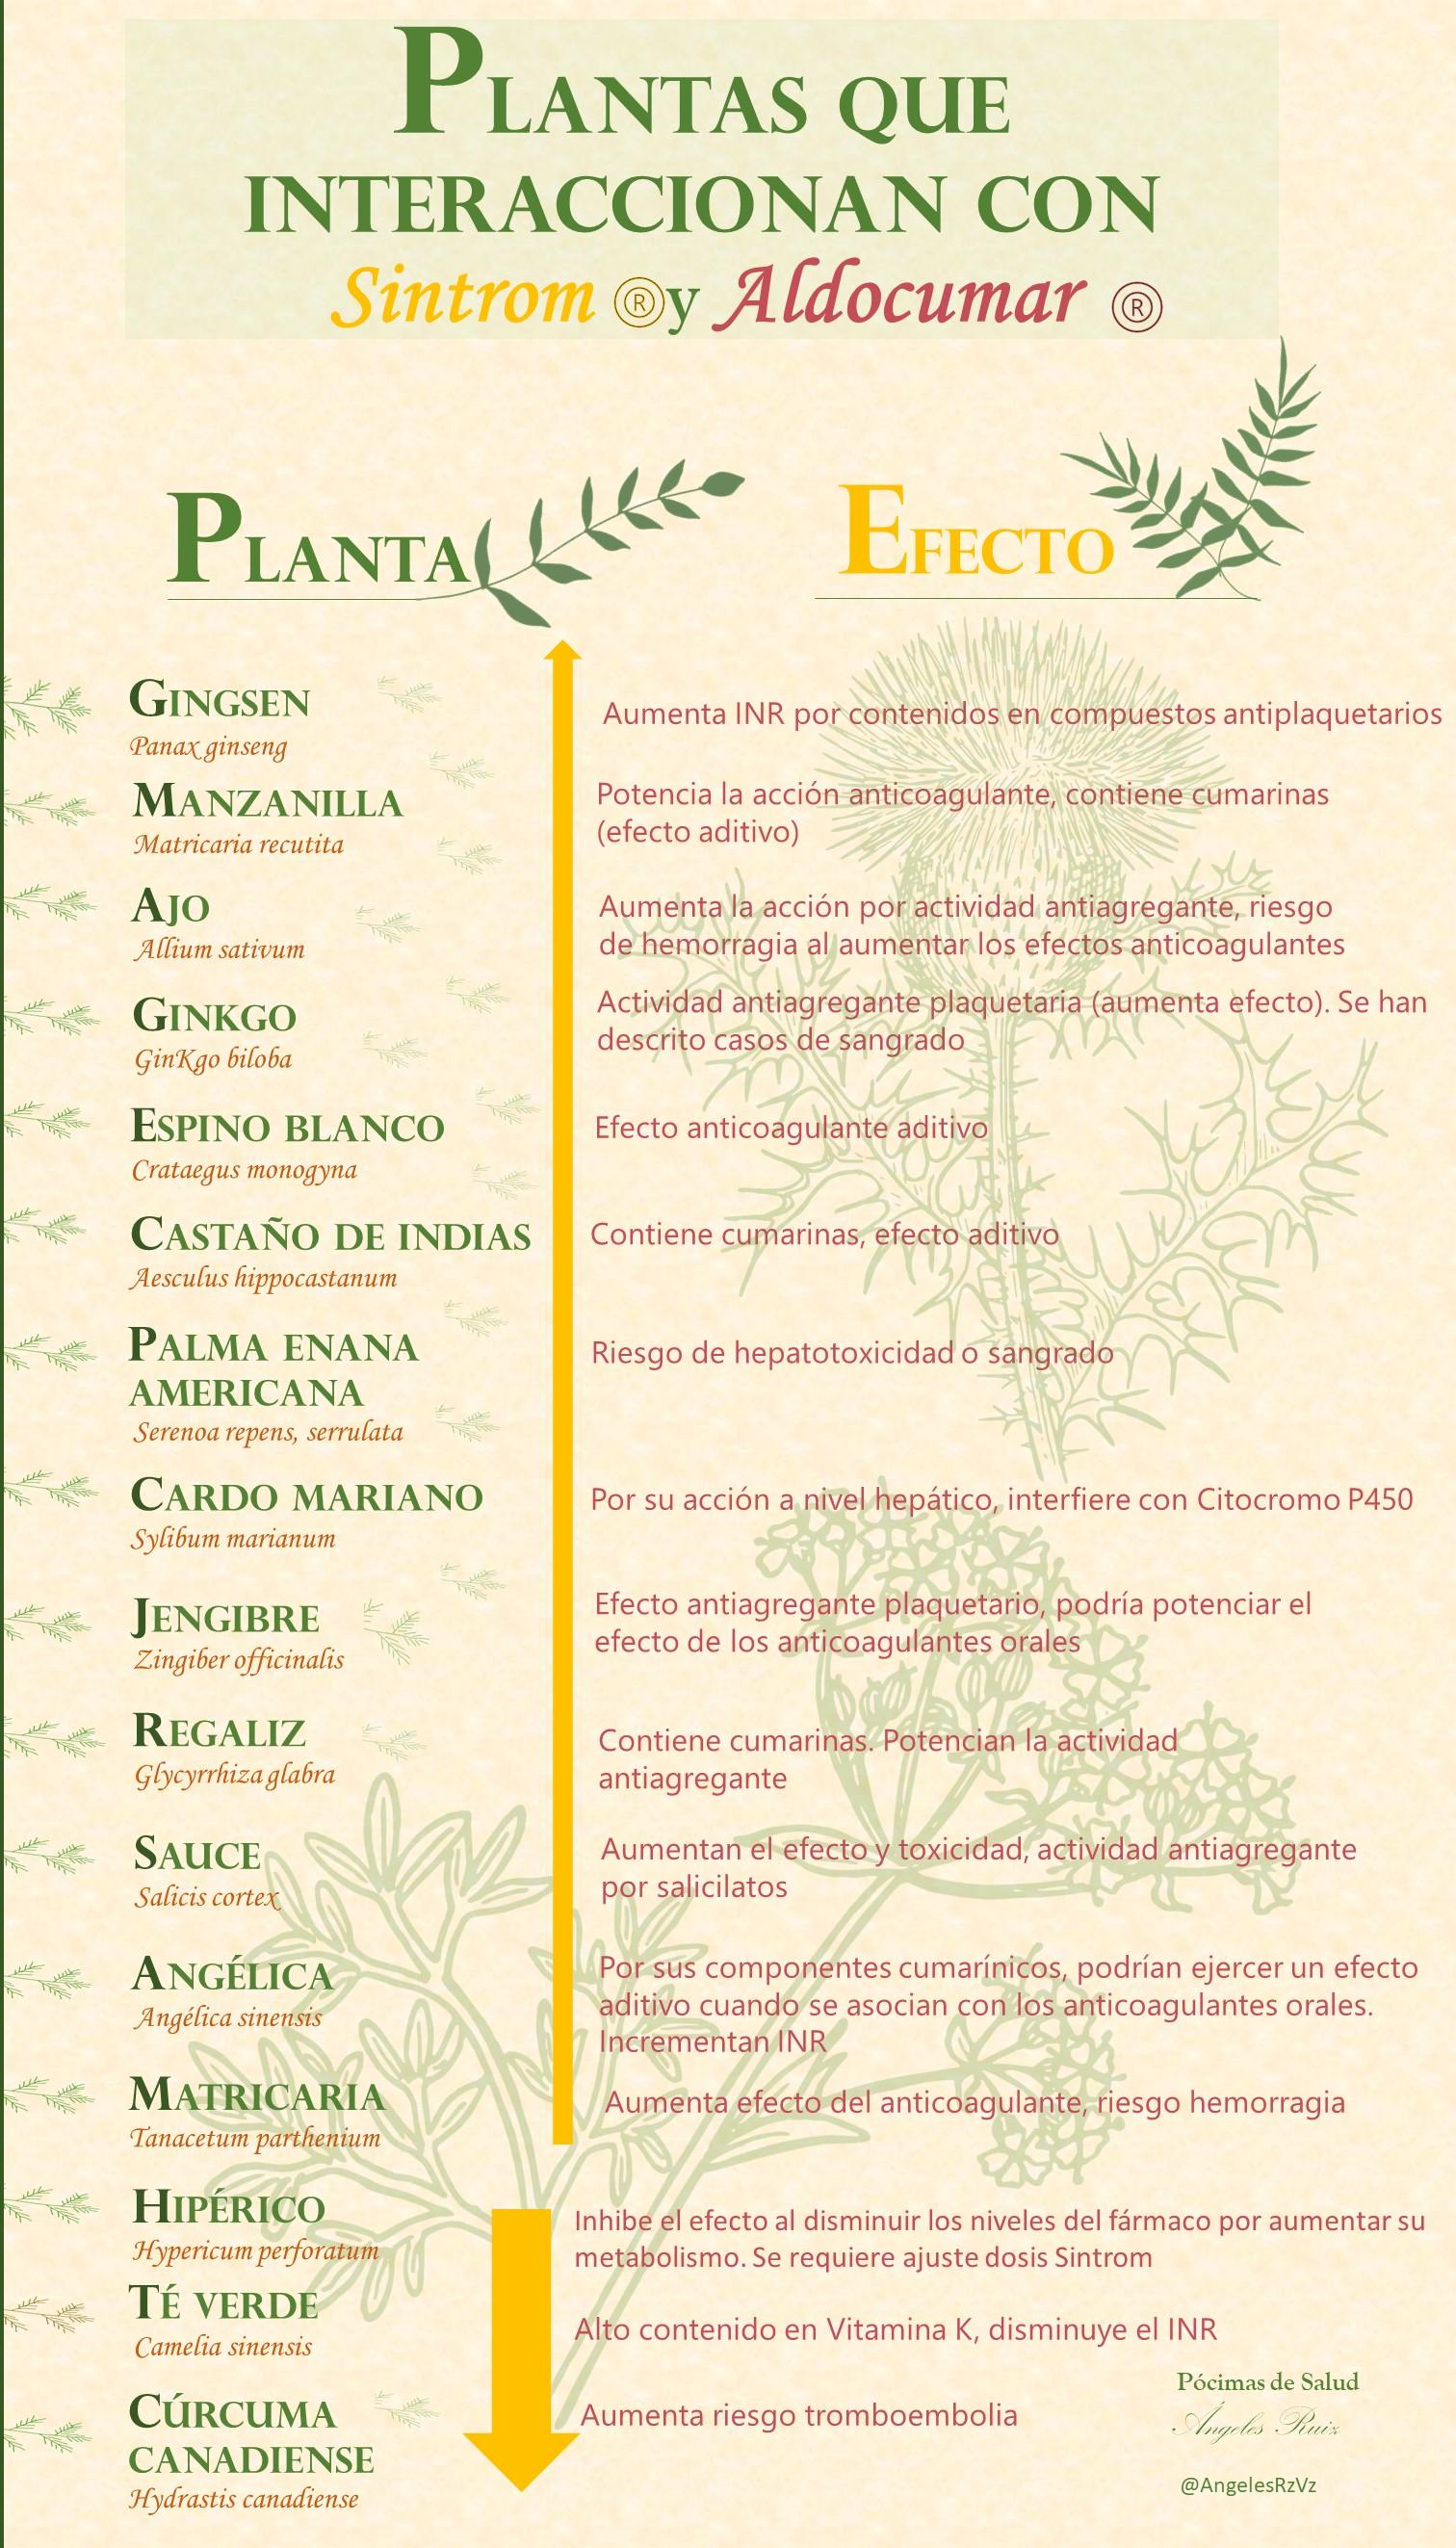 Plantas medicinales que interaccionan con el Sintrom y Aldocumar